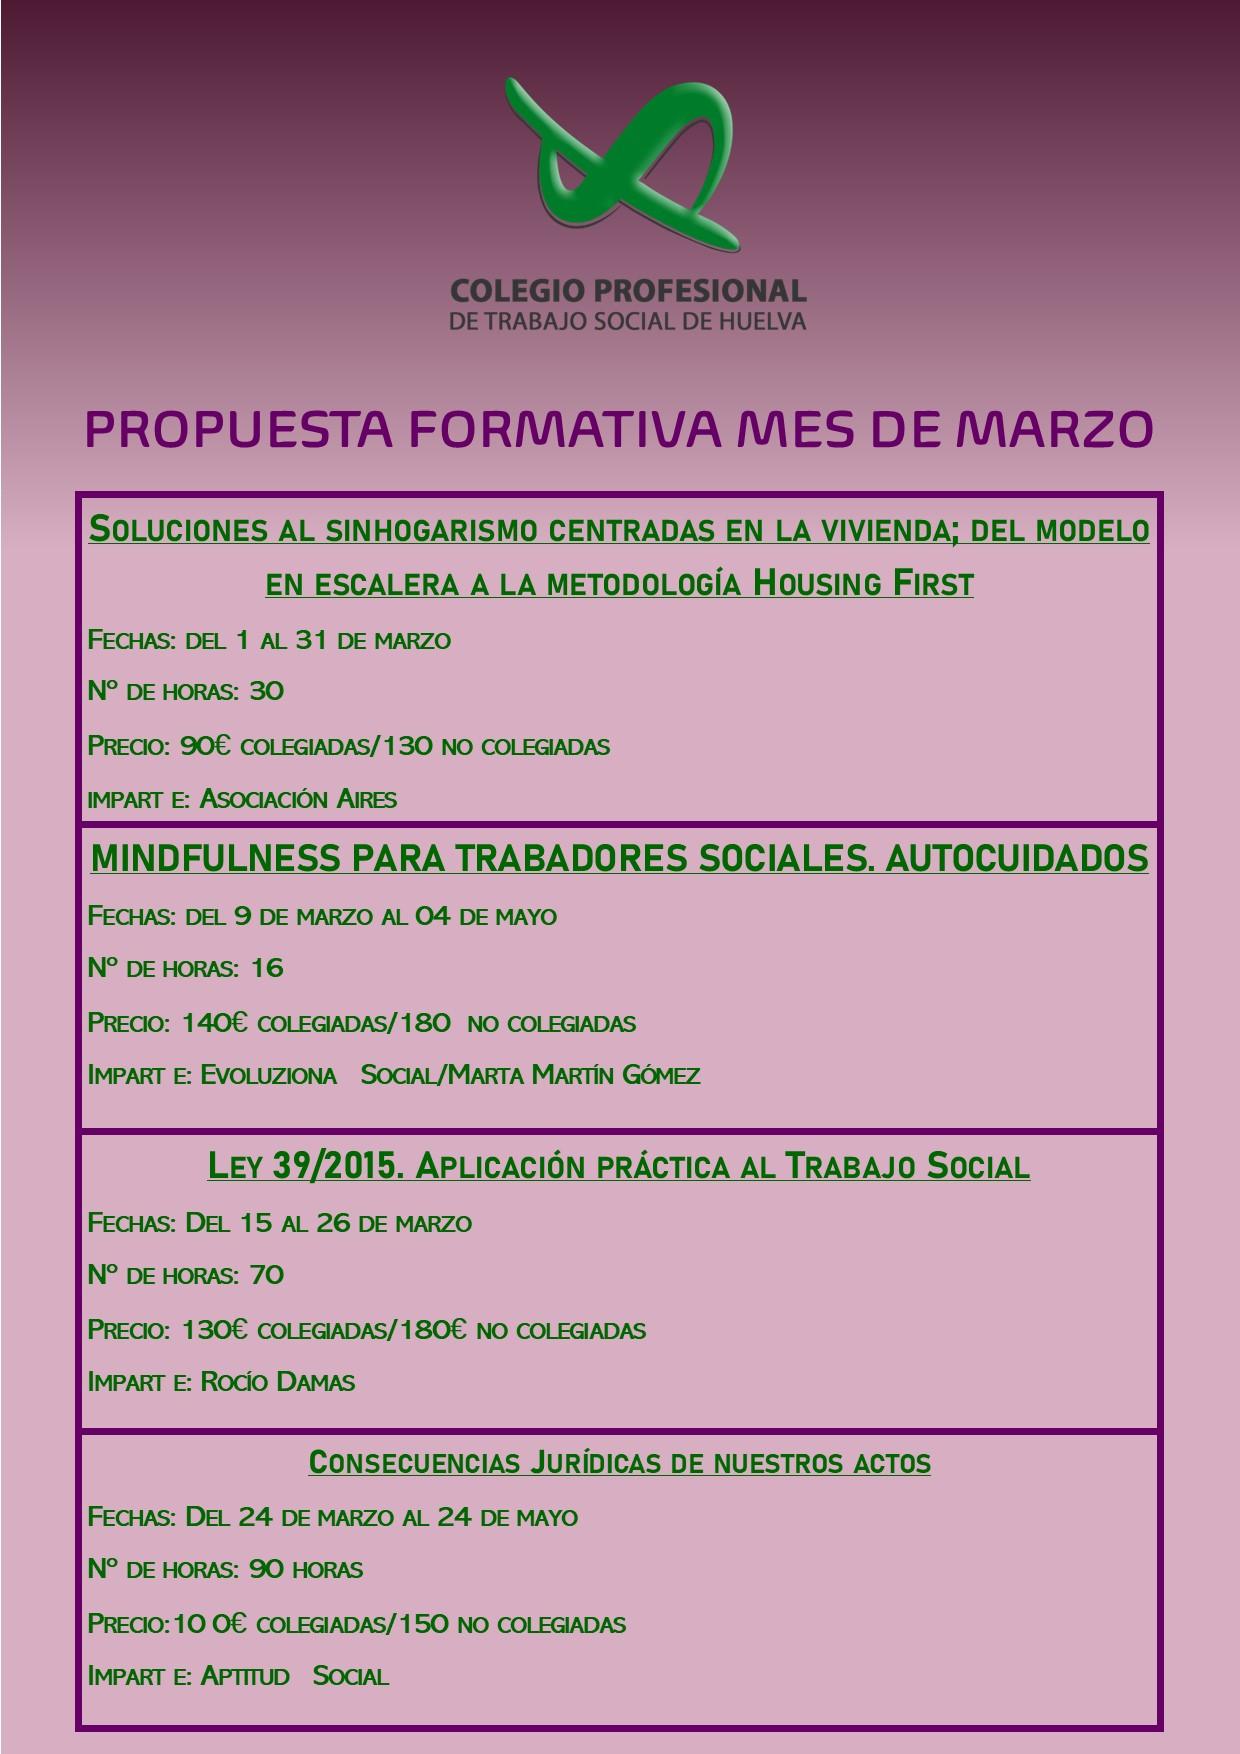 PROPUESTAS FORMATIVAS MES DE MARZO